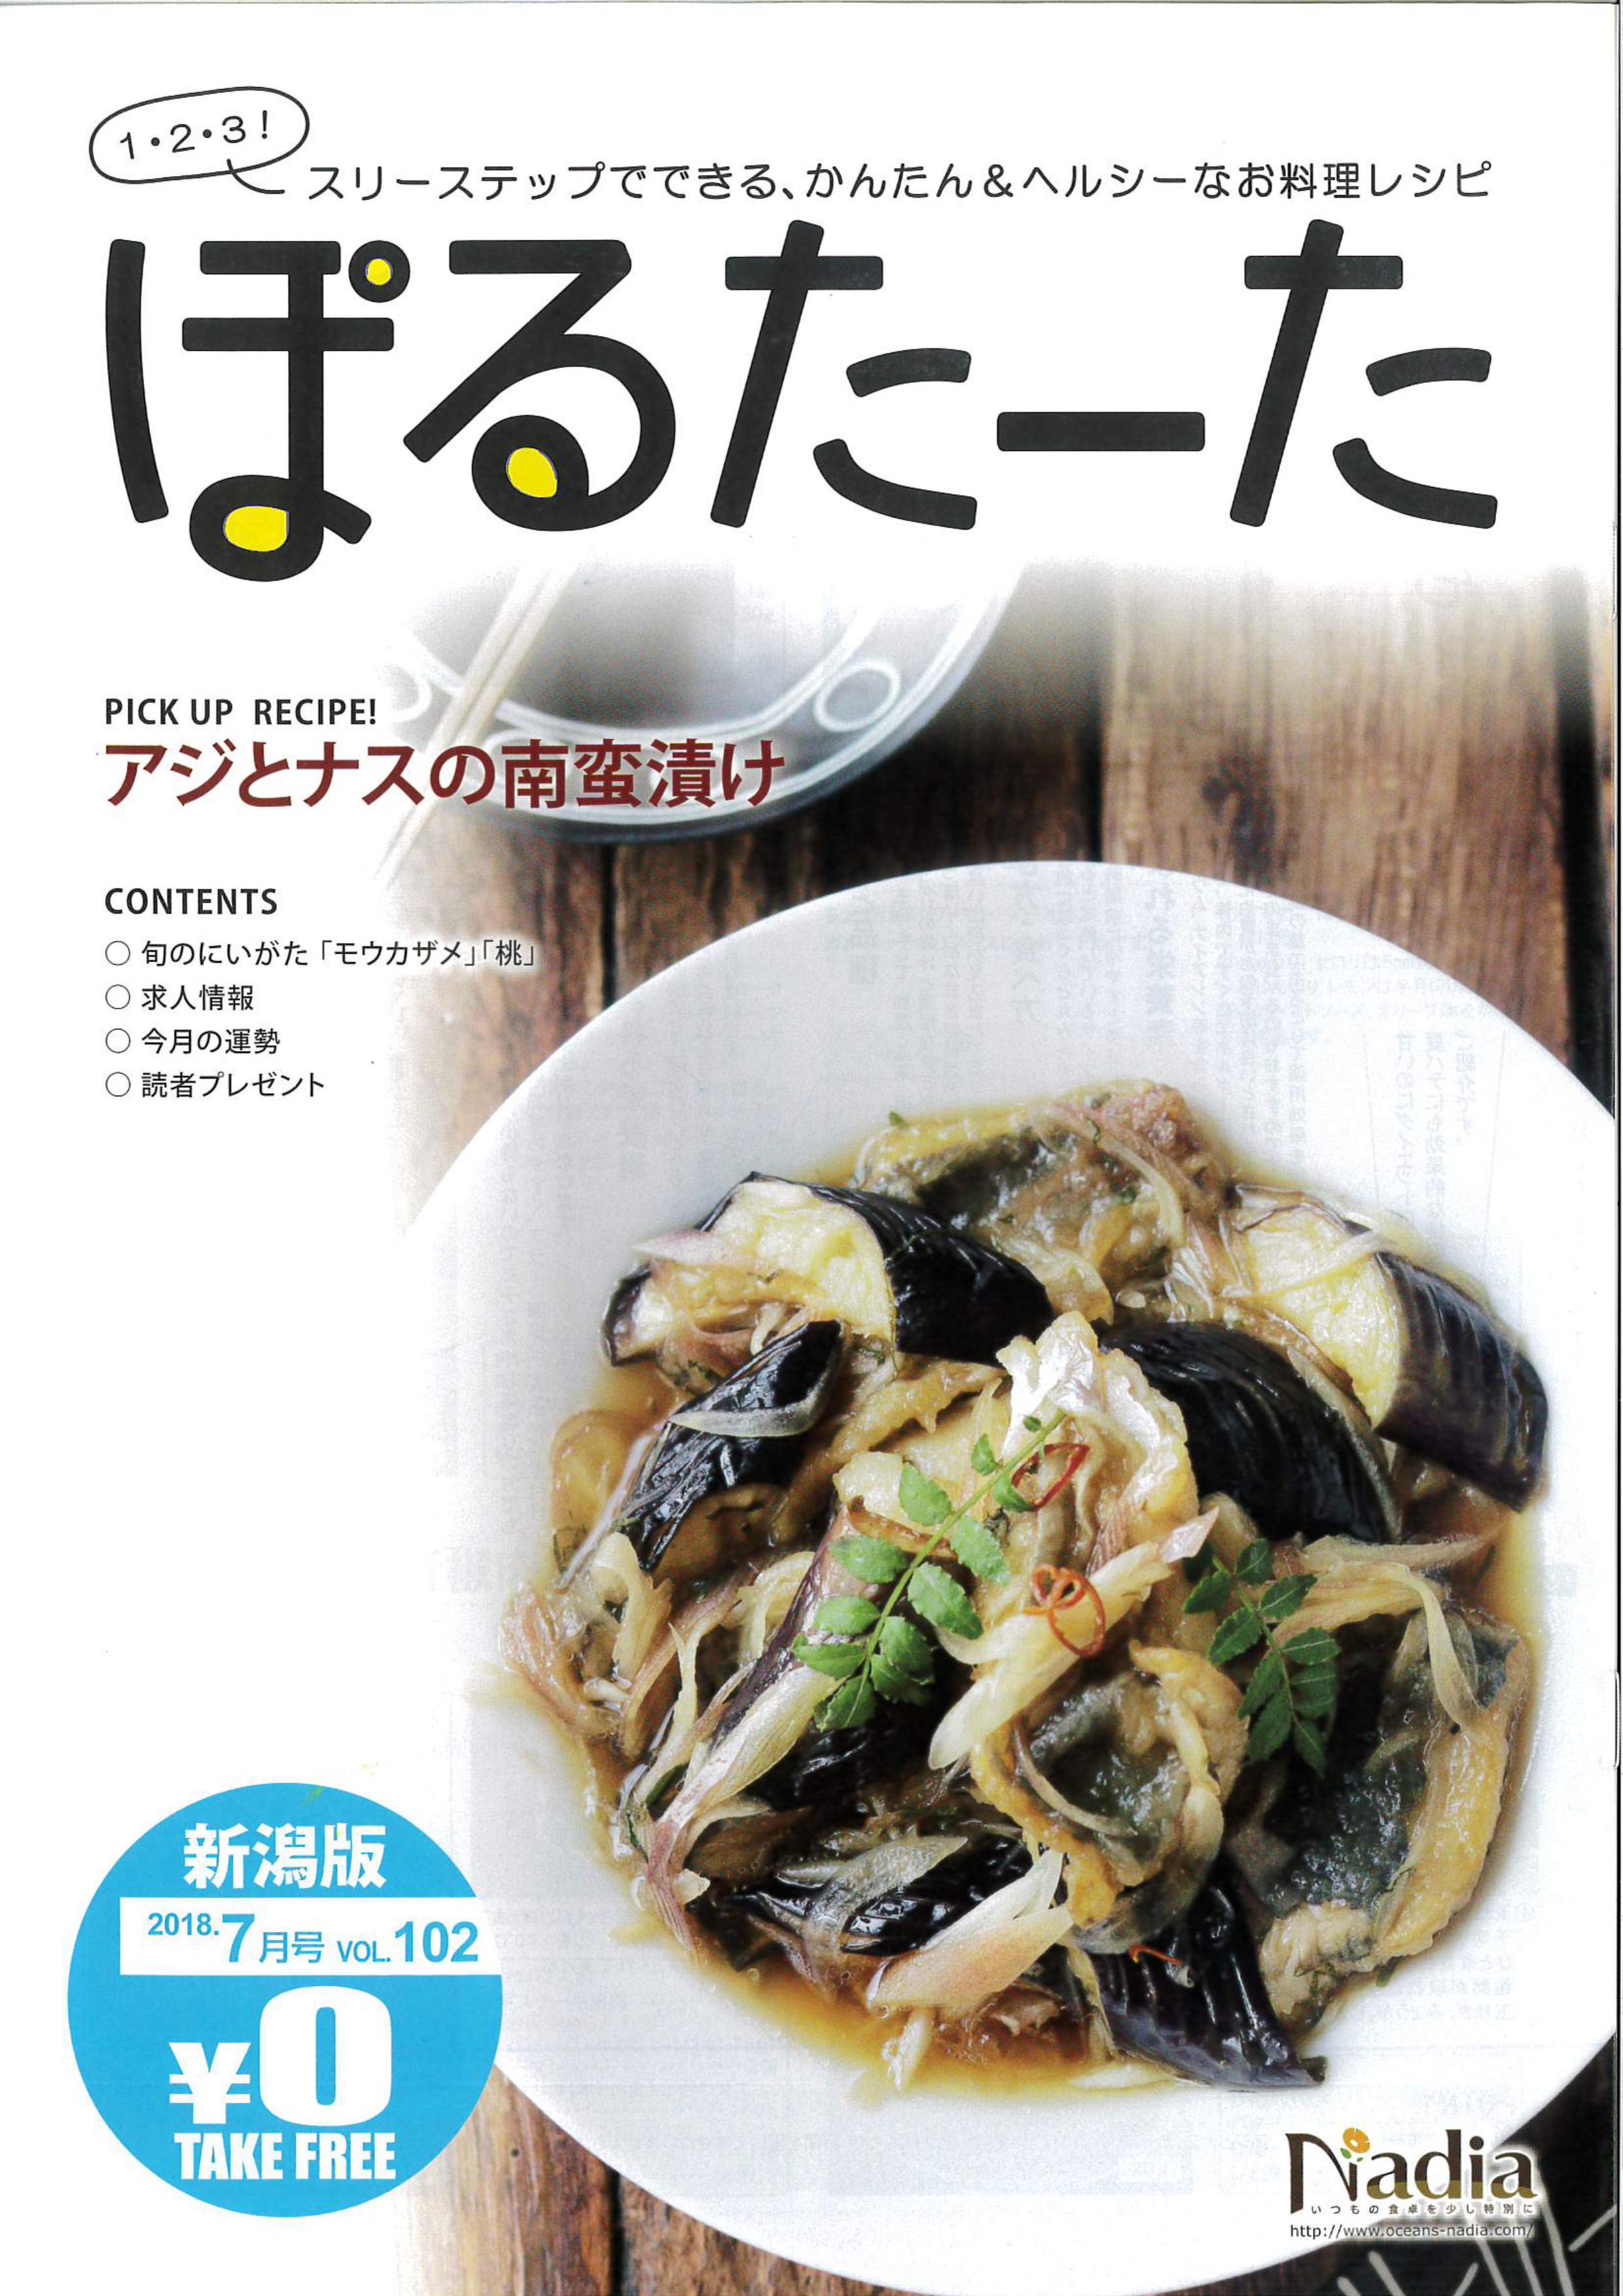 栁川かおり:フリーペーパー「ぽるたーたVOL.102(2018.7月号)」にレシピが掲載されました